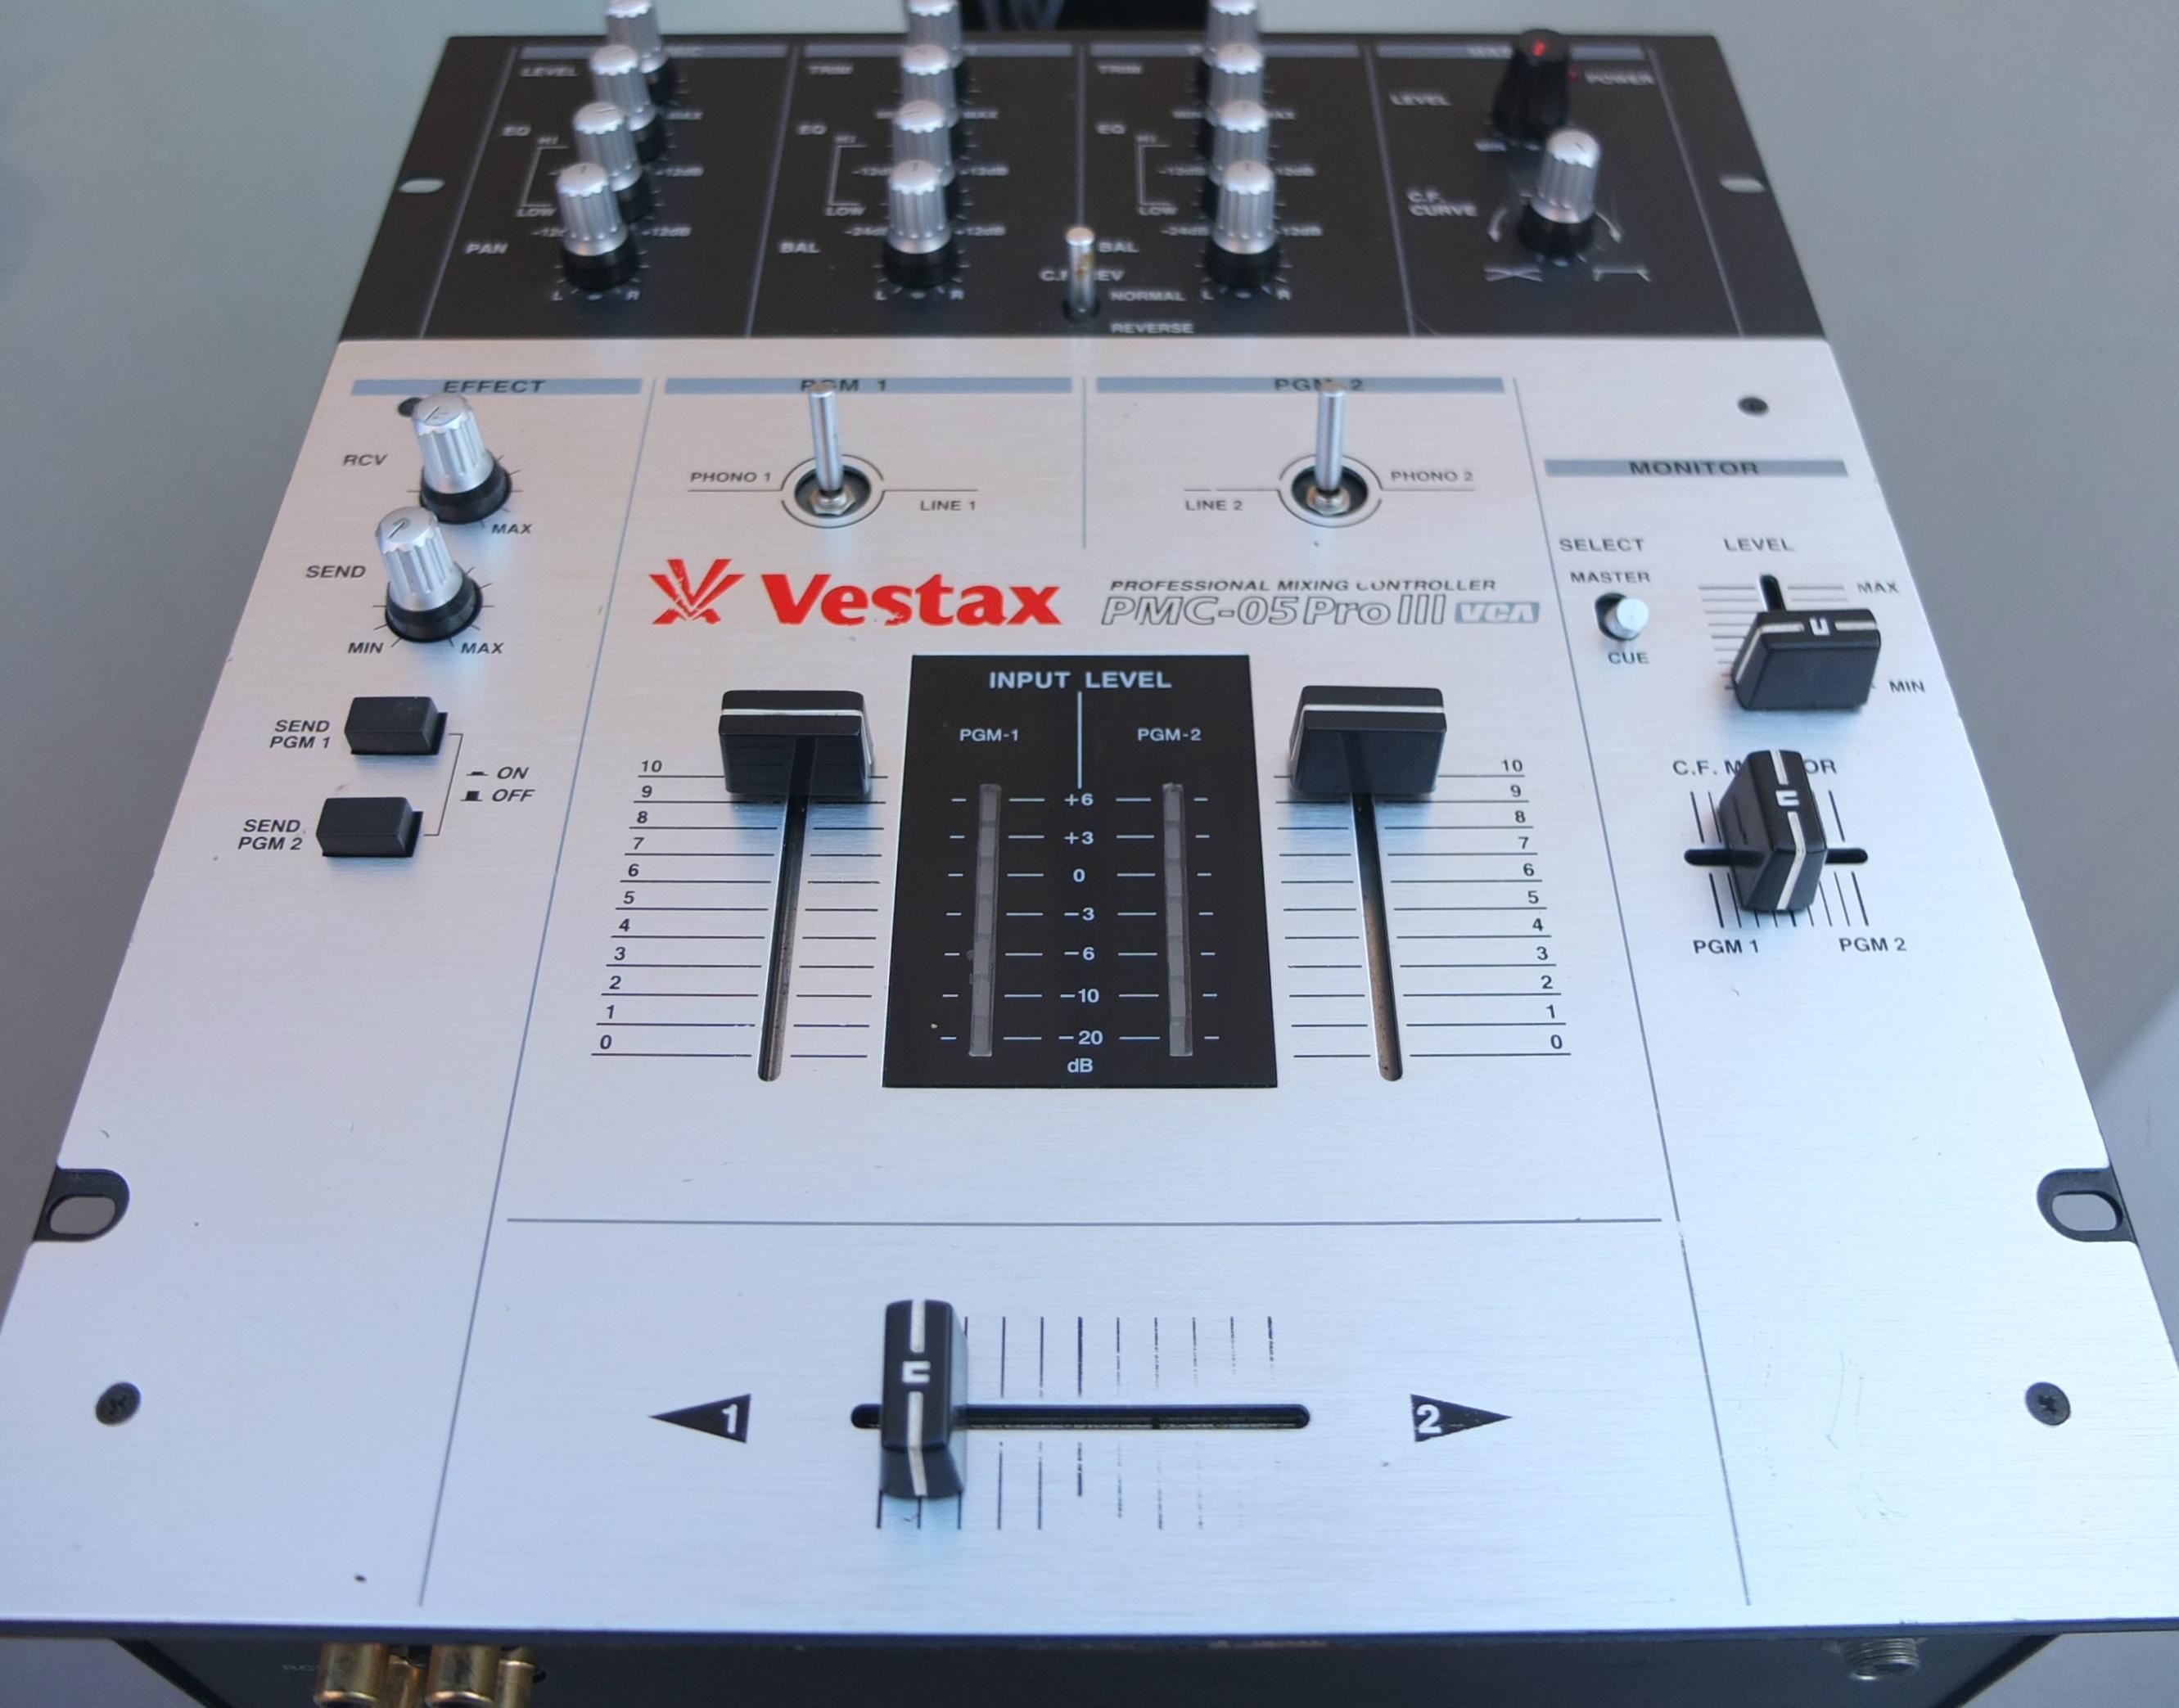 table de mixage vestax pmc 05 pro 3